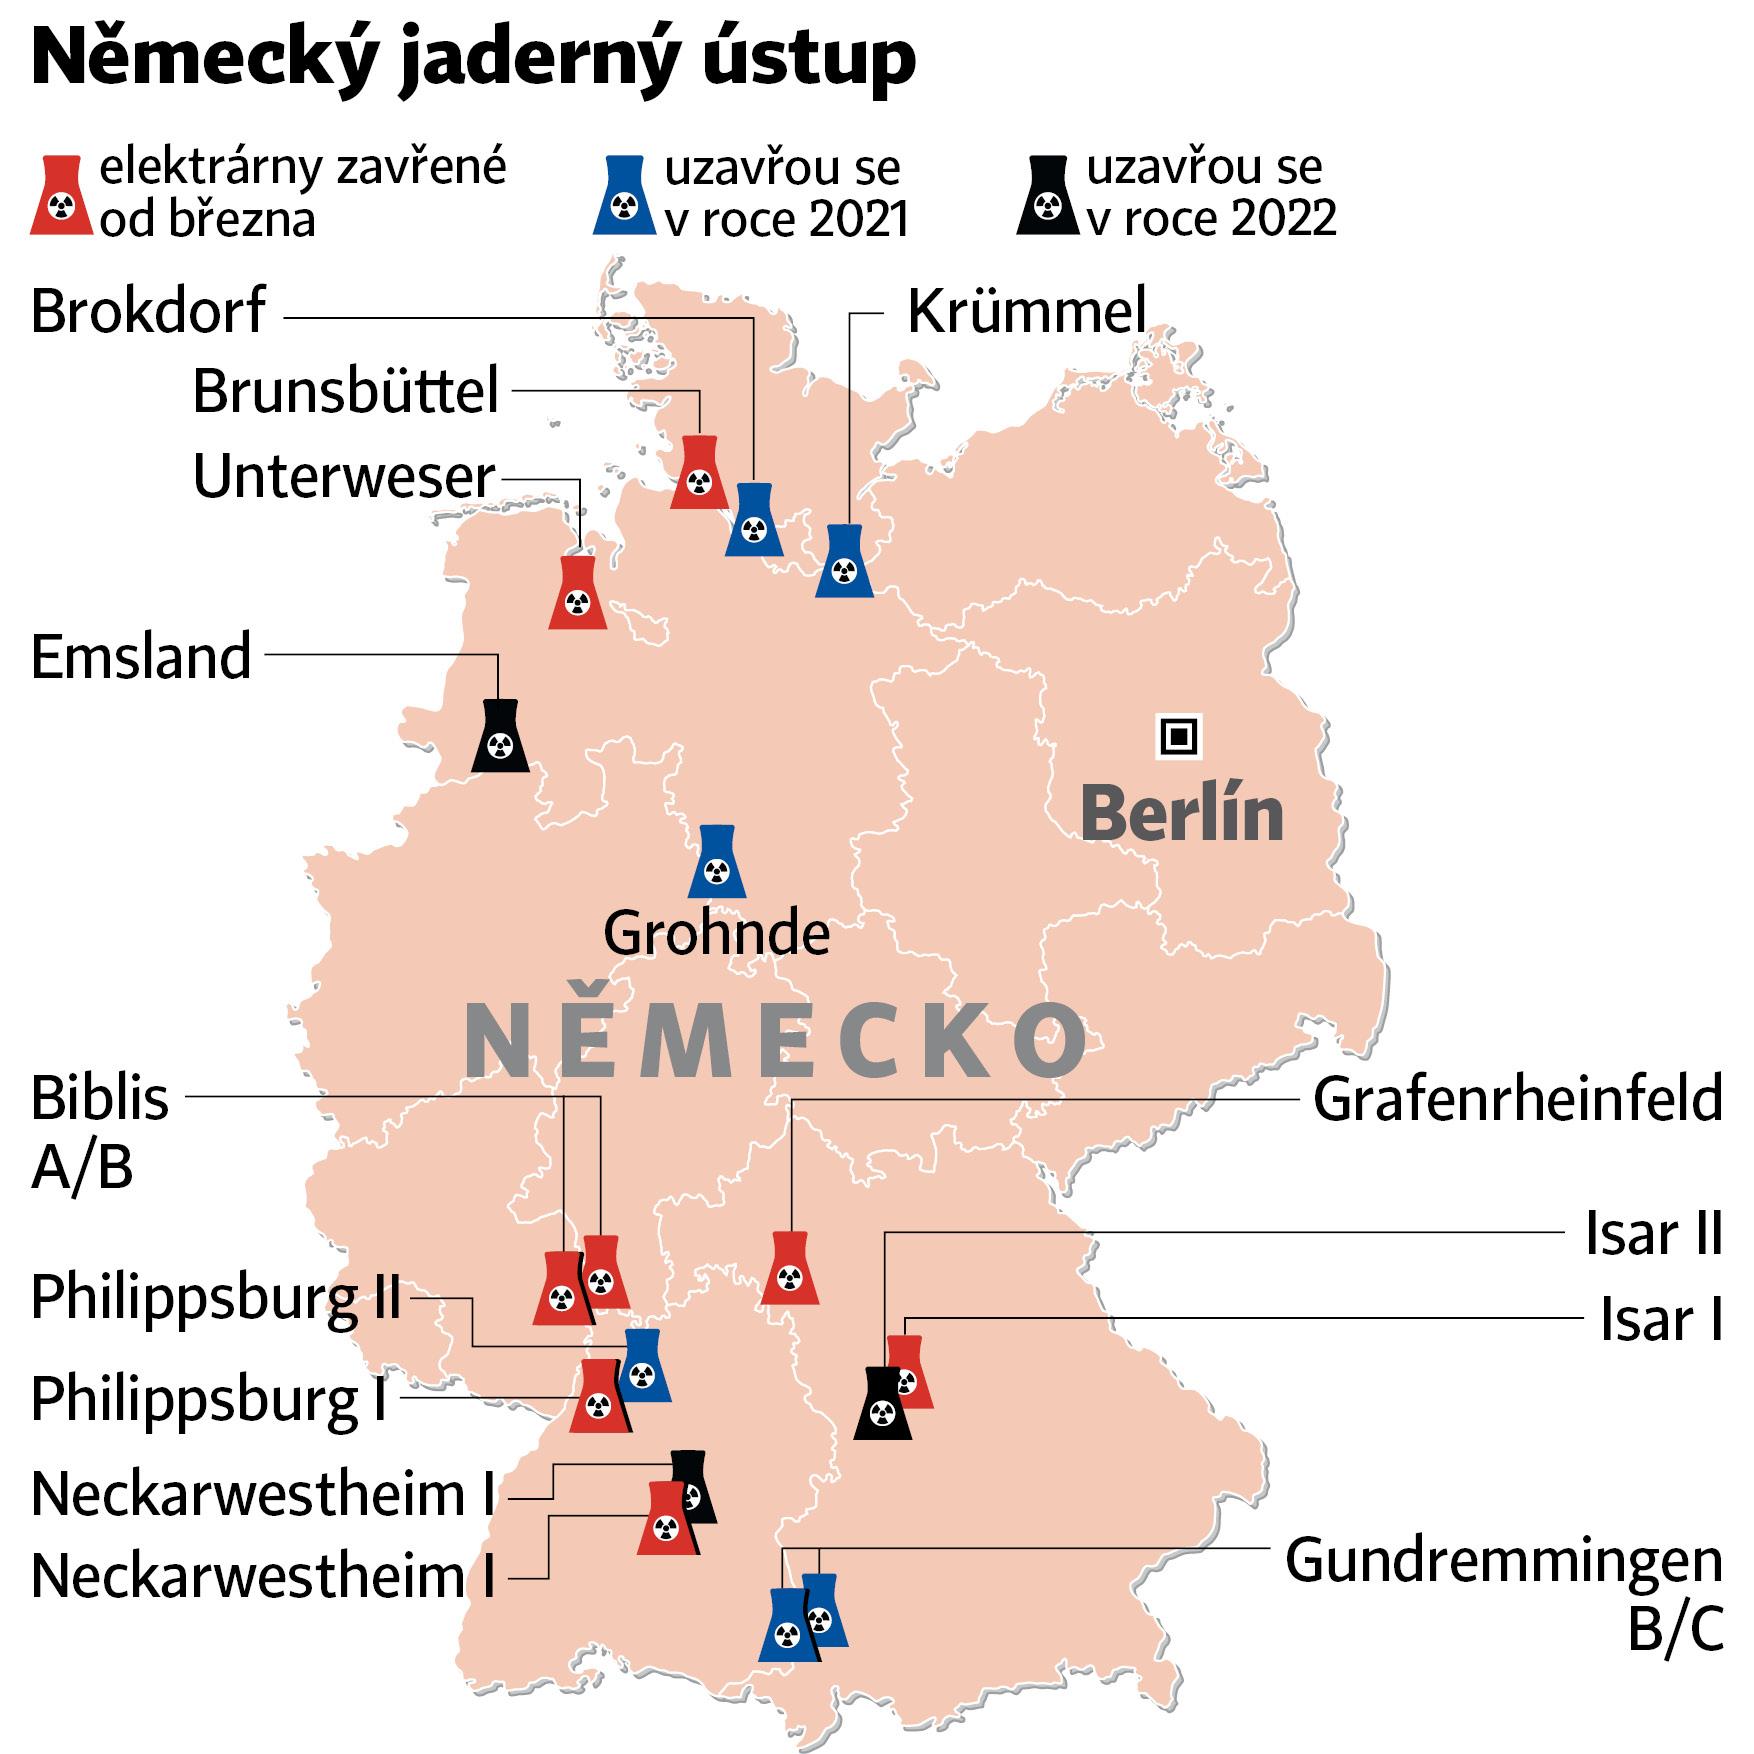 jaderná energie - iDNES blog: Zelení orodují za jádro. Uslyší je Brusel a Berlín? - Zprávy (nemeck jadro pro ihned 2) 2